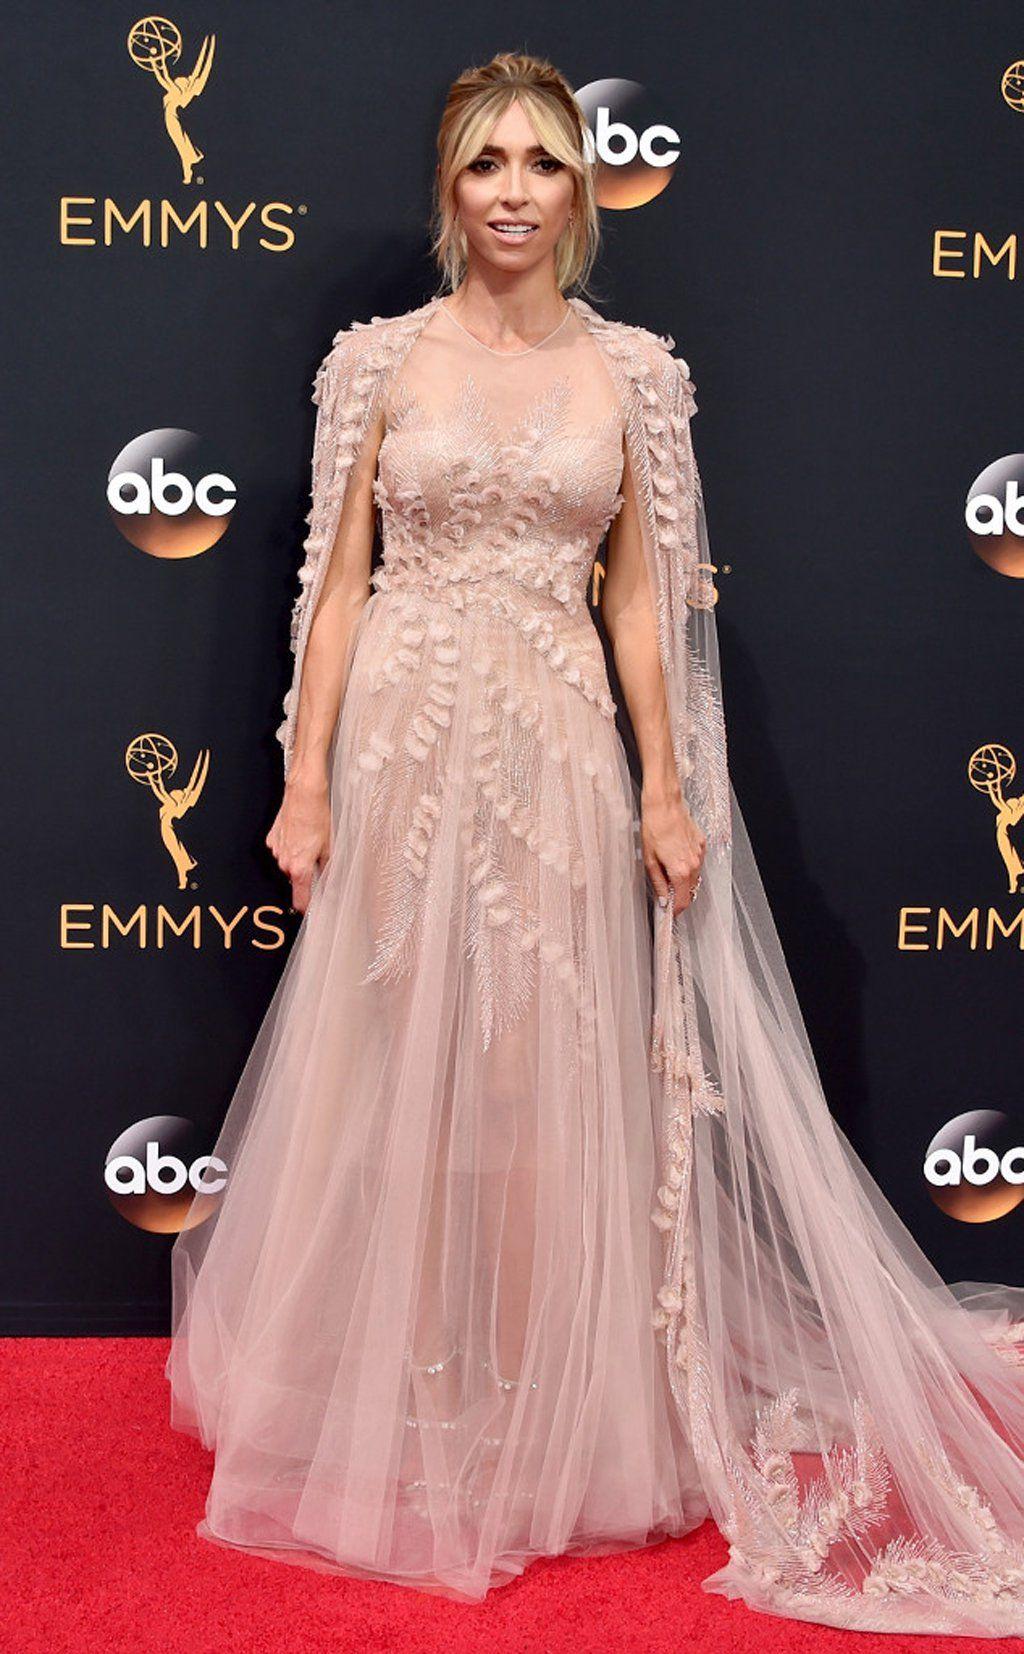 Los mejores looks de los premios Emmy | TN.com.ar | Fashion & Beauty ...